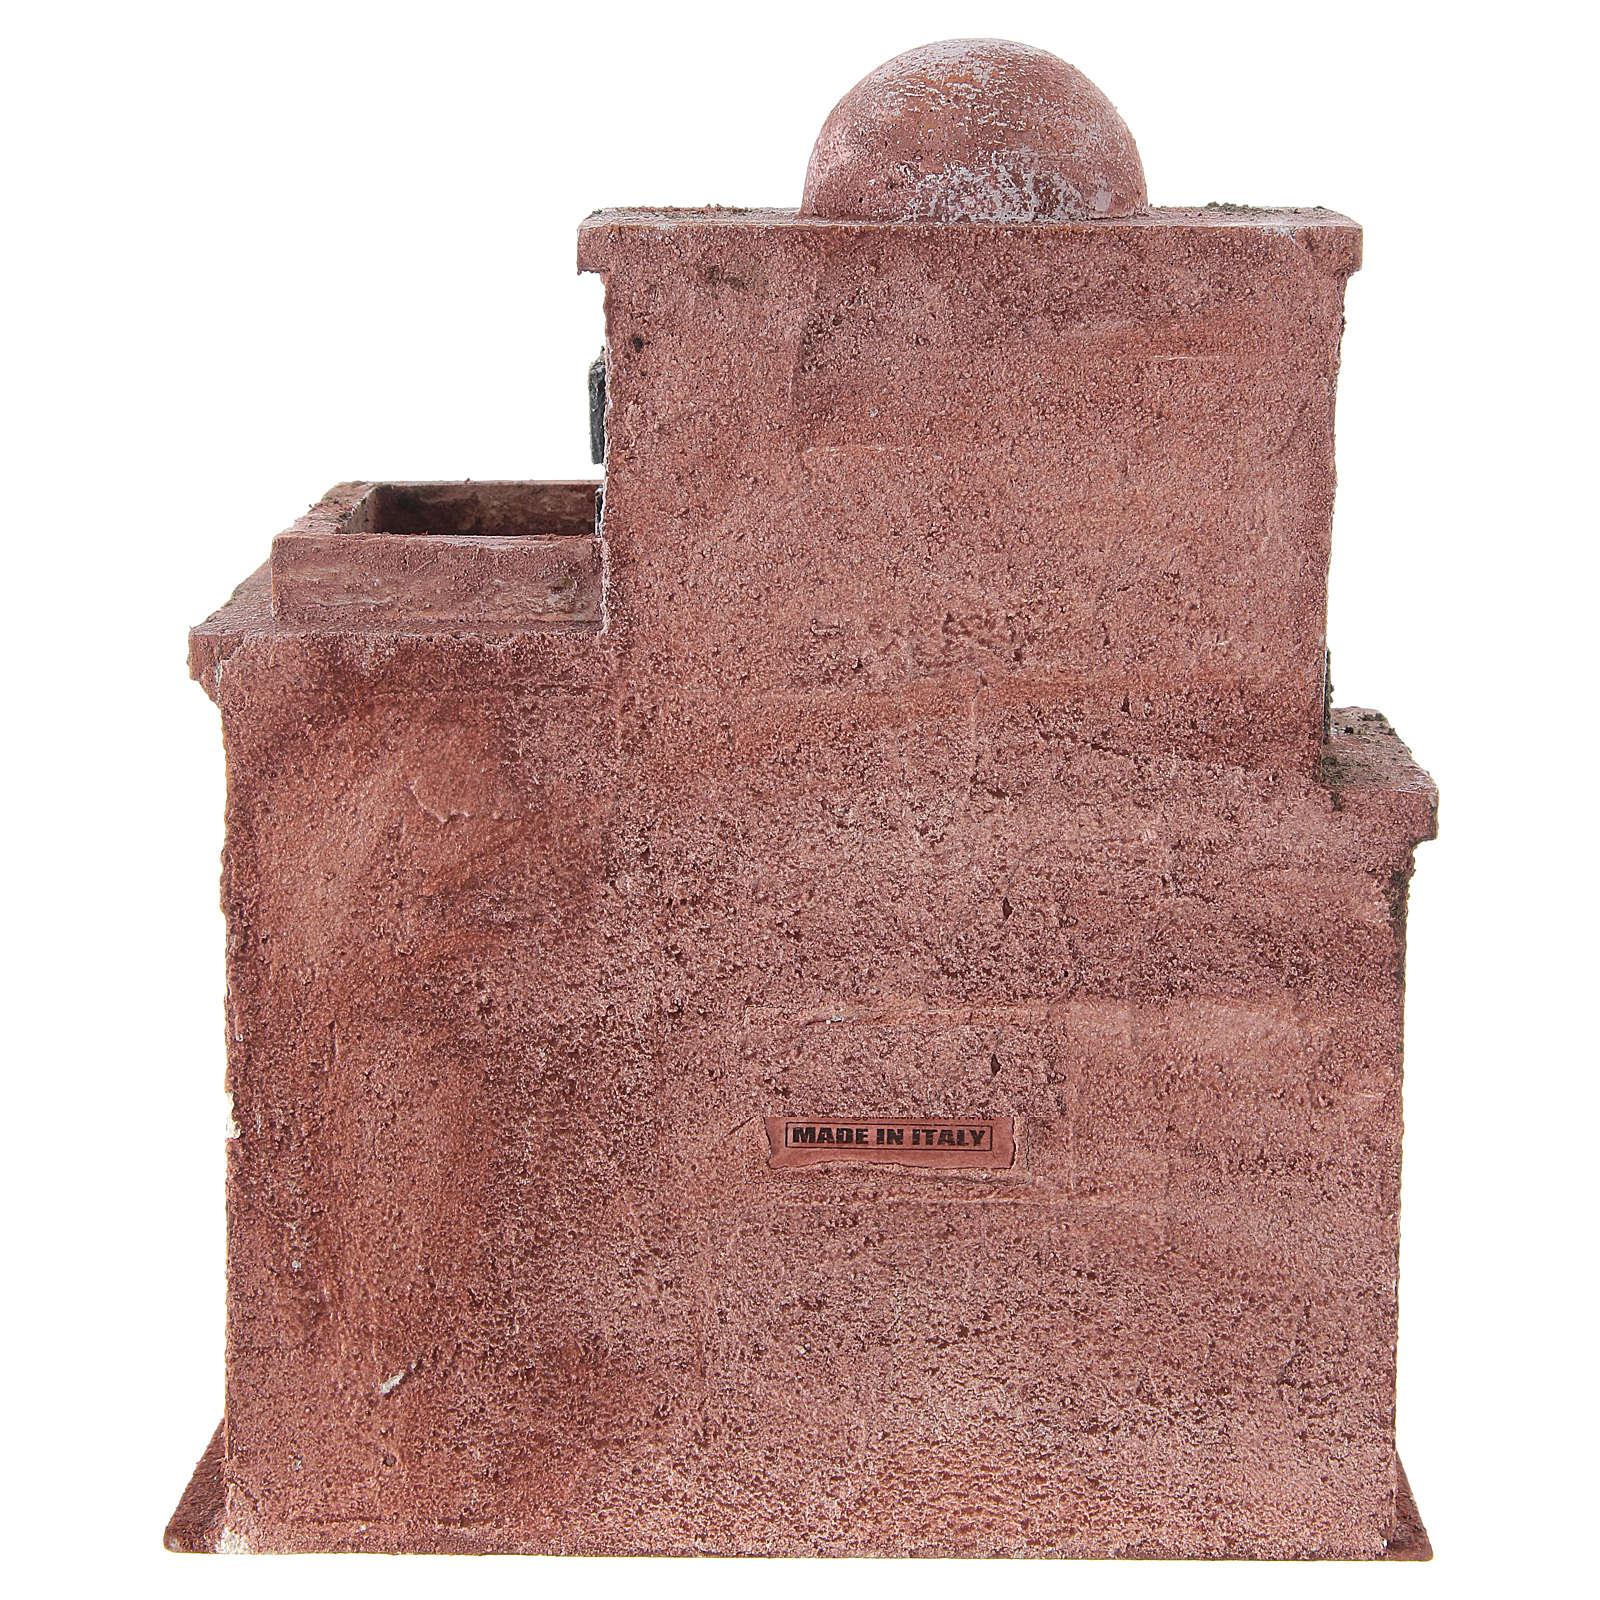 Casetta di stile arabo con terrazza 30x25x15 cm 4